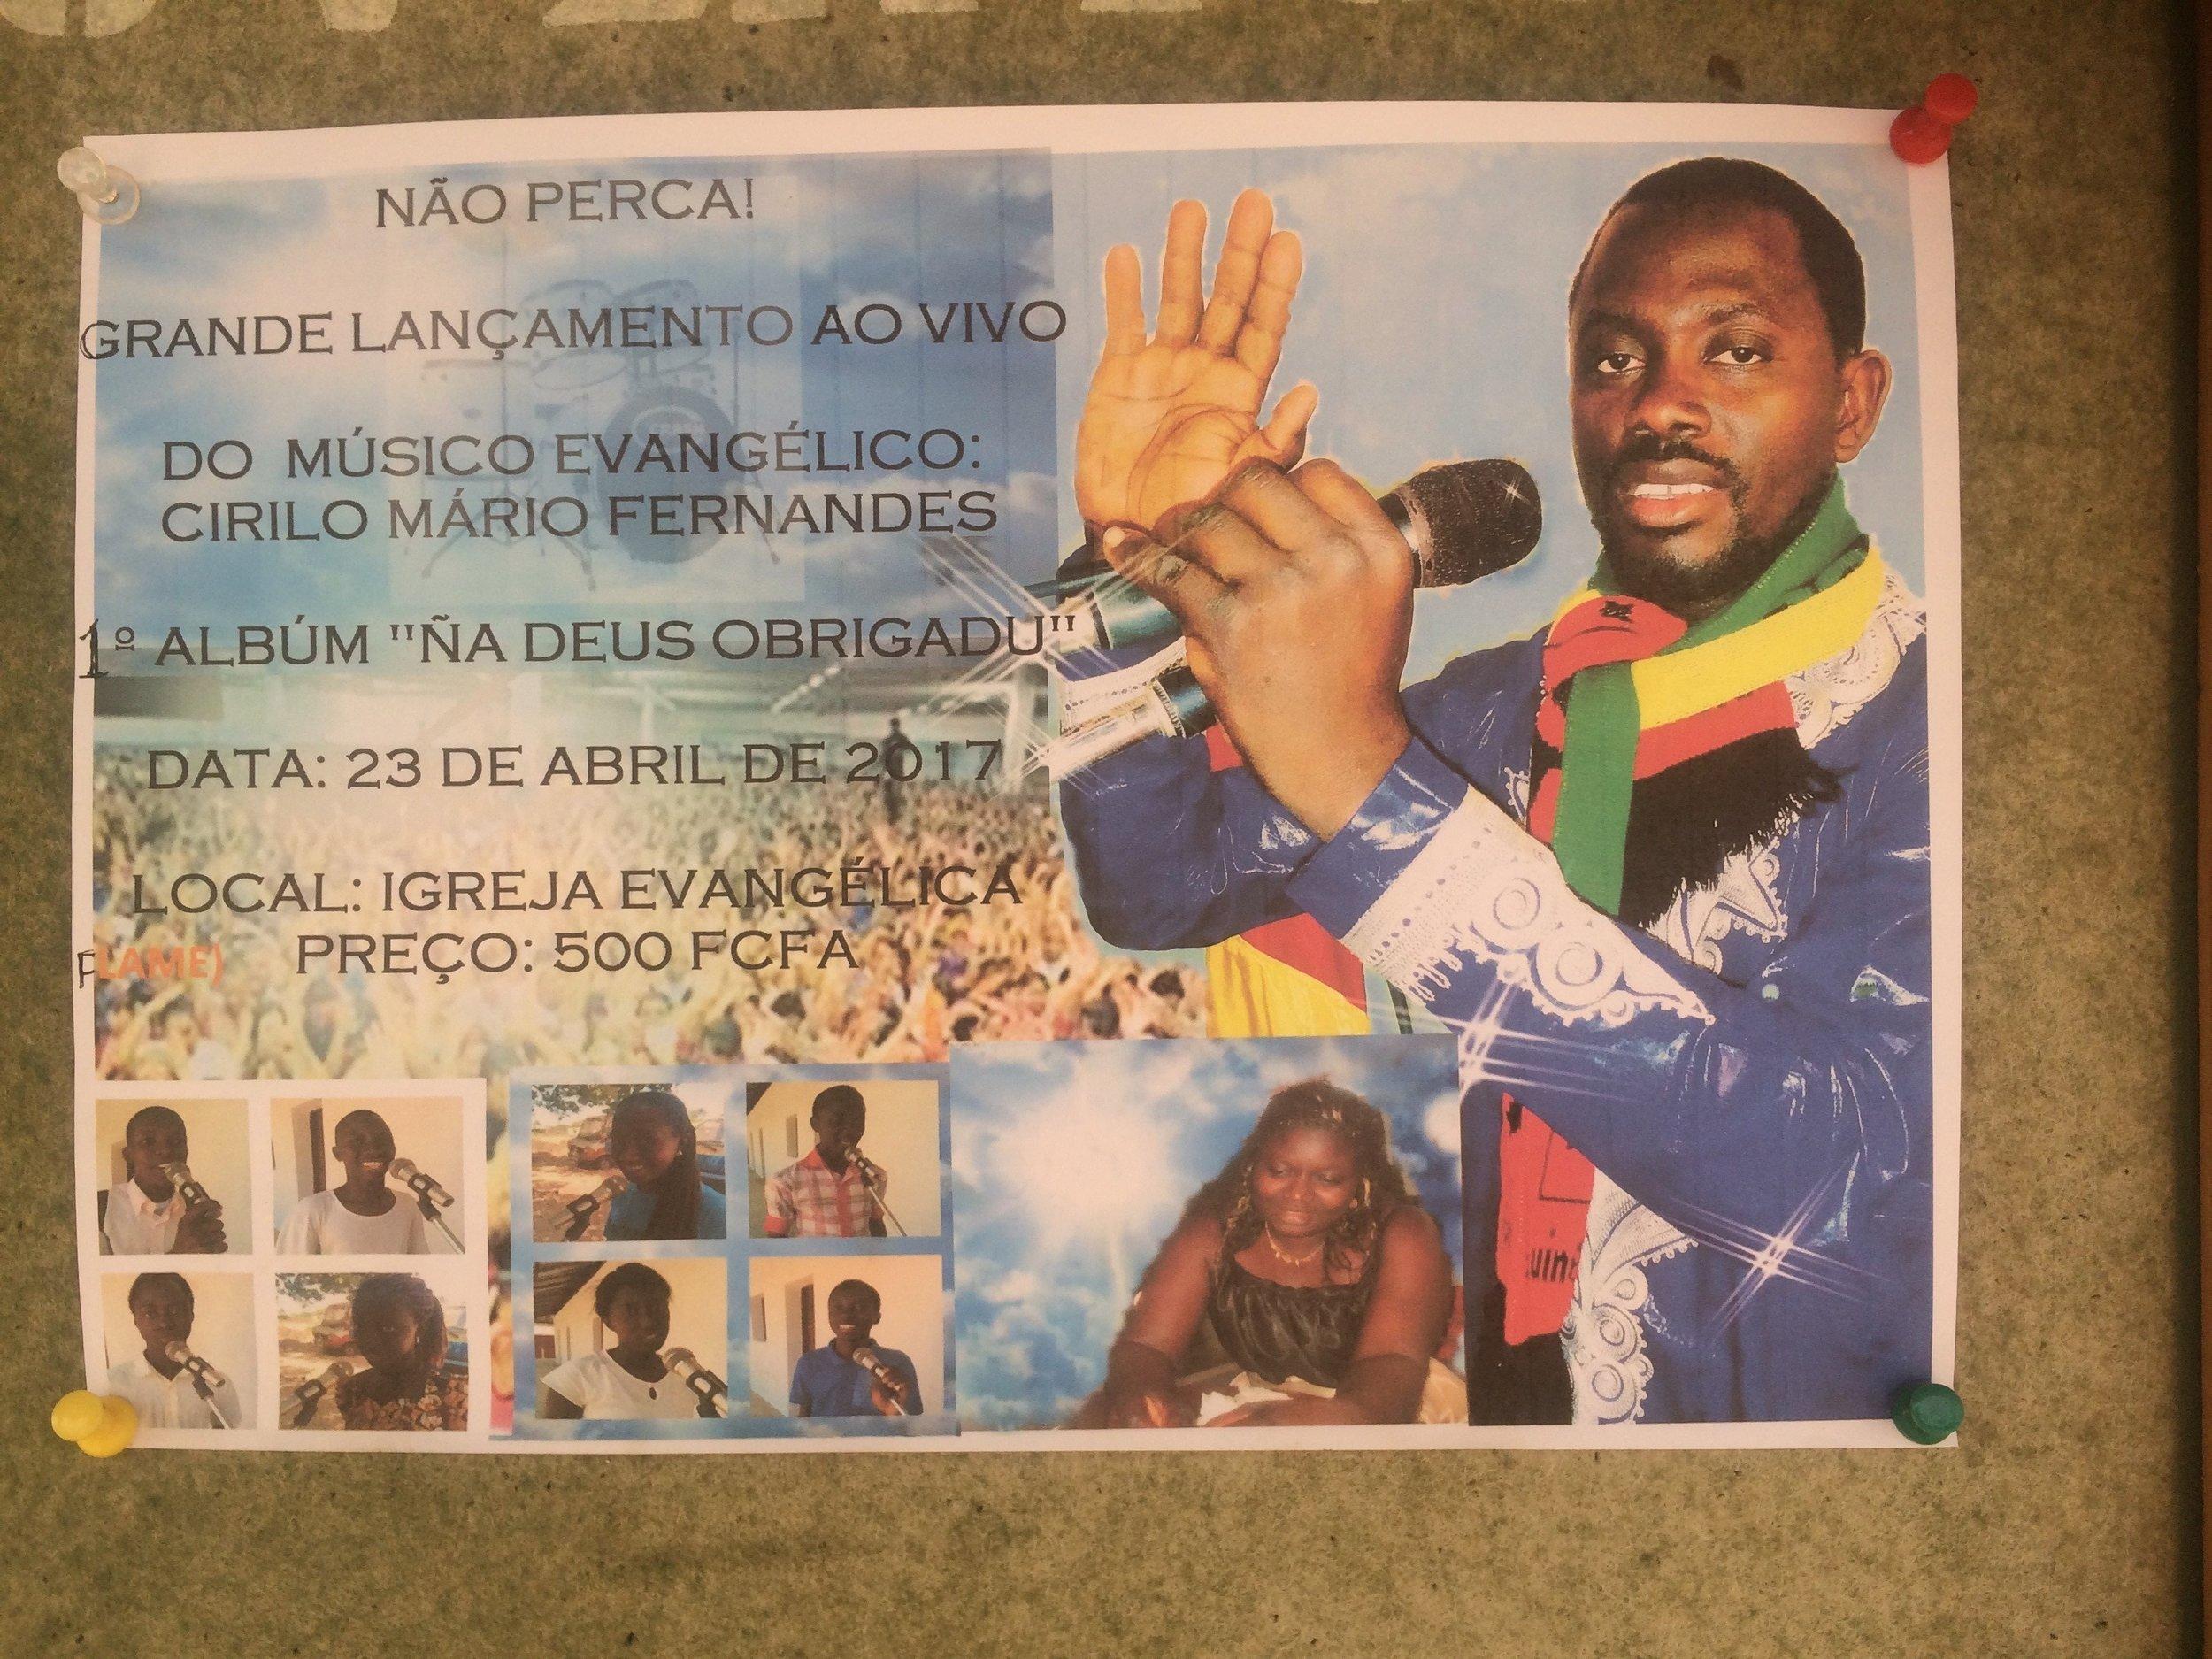 Cirilo's album release and concert flier.